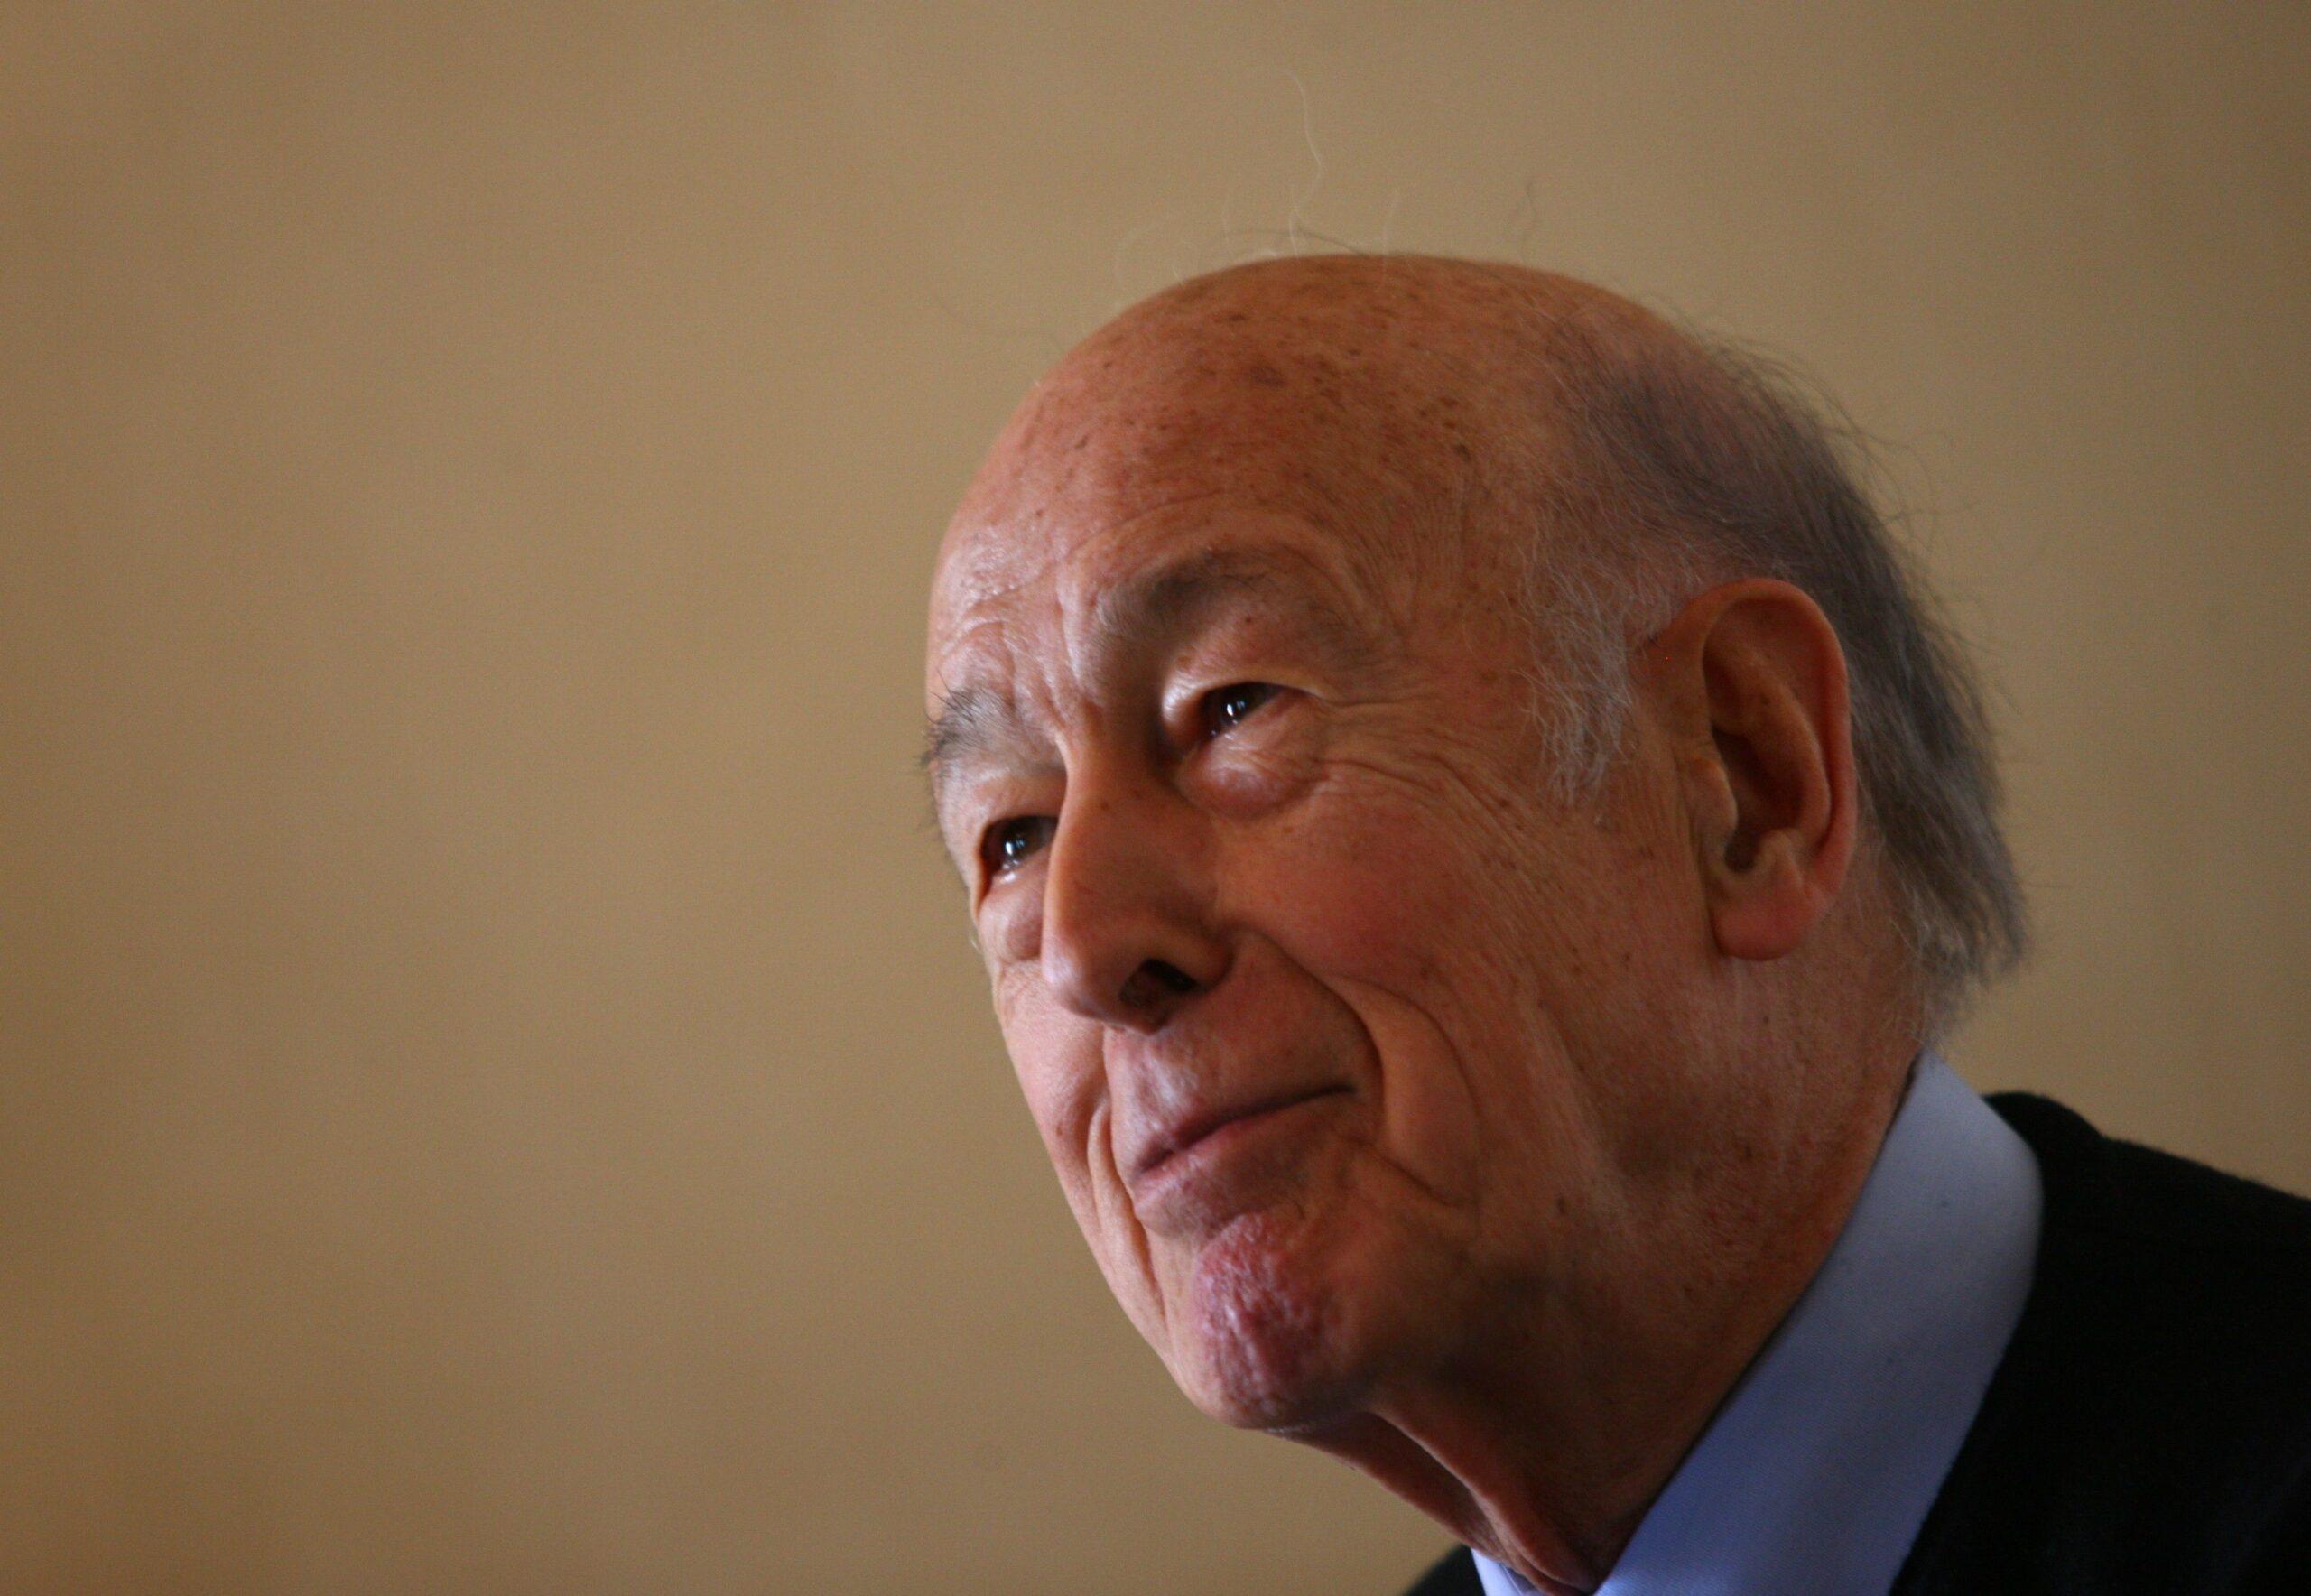 Valéry Giscard d'Estaing en una imatge d'arxiu del 2010 / Europa Press